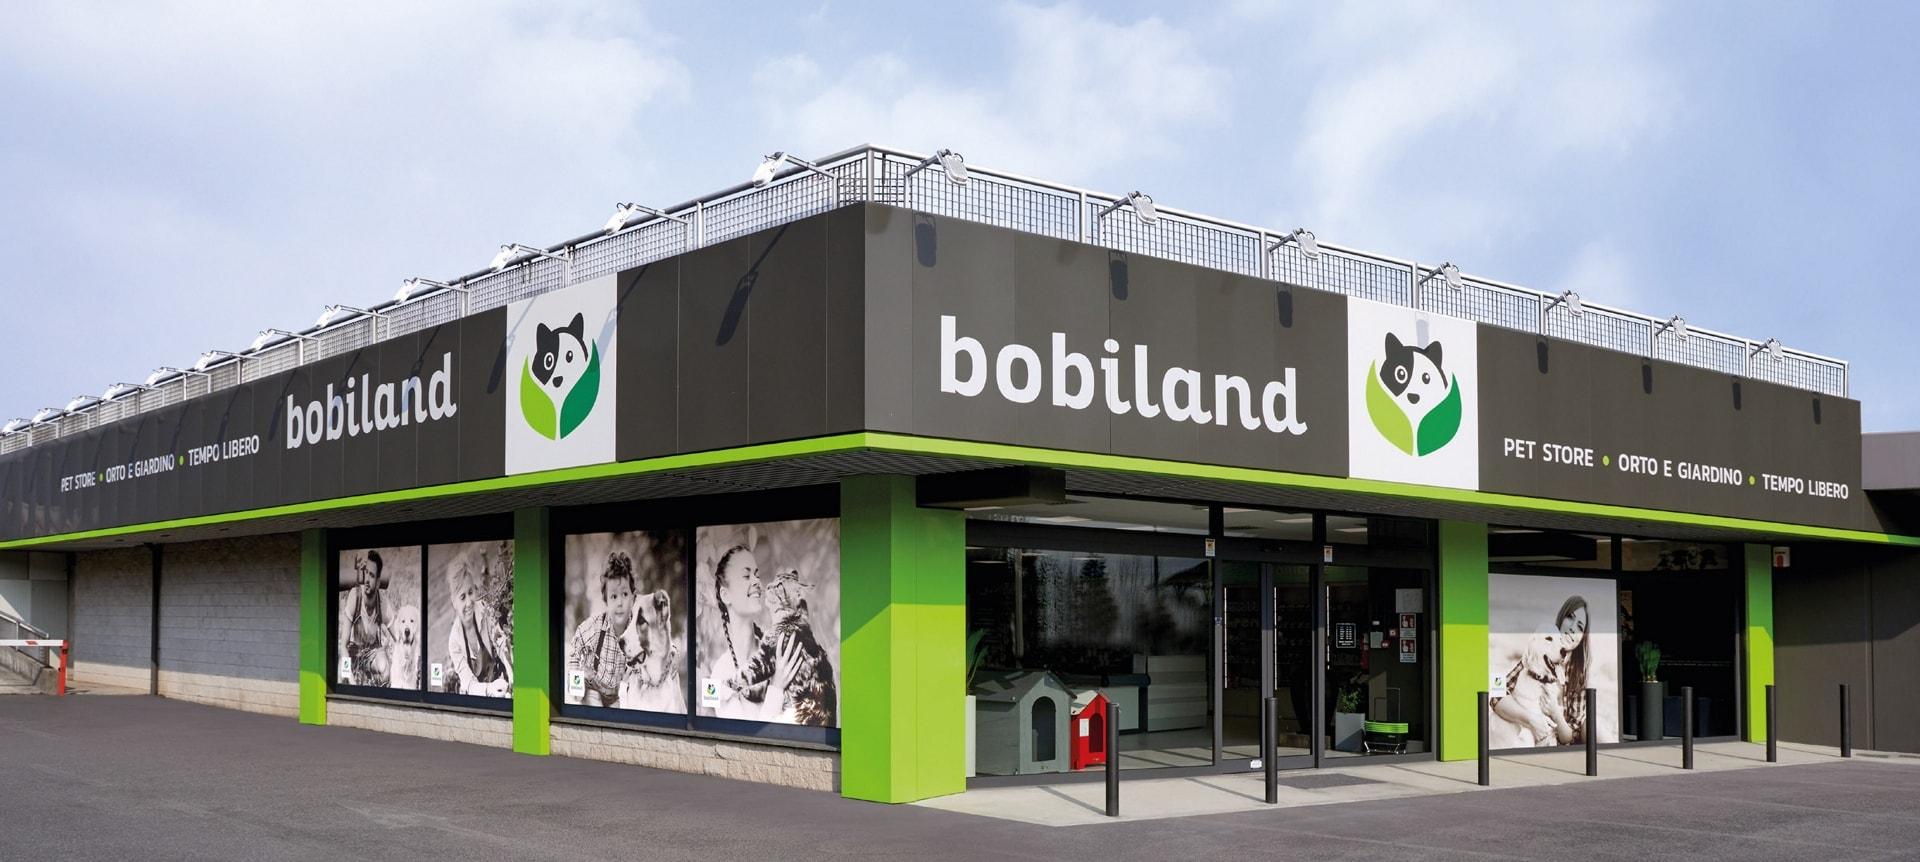 Bobiland è il miglior negozio di animali di Bergamo e provincia specializzato in cibo ed accessori per per cani, gatti, roditori, uccelli e pesci. Store Seriate.